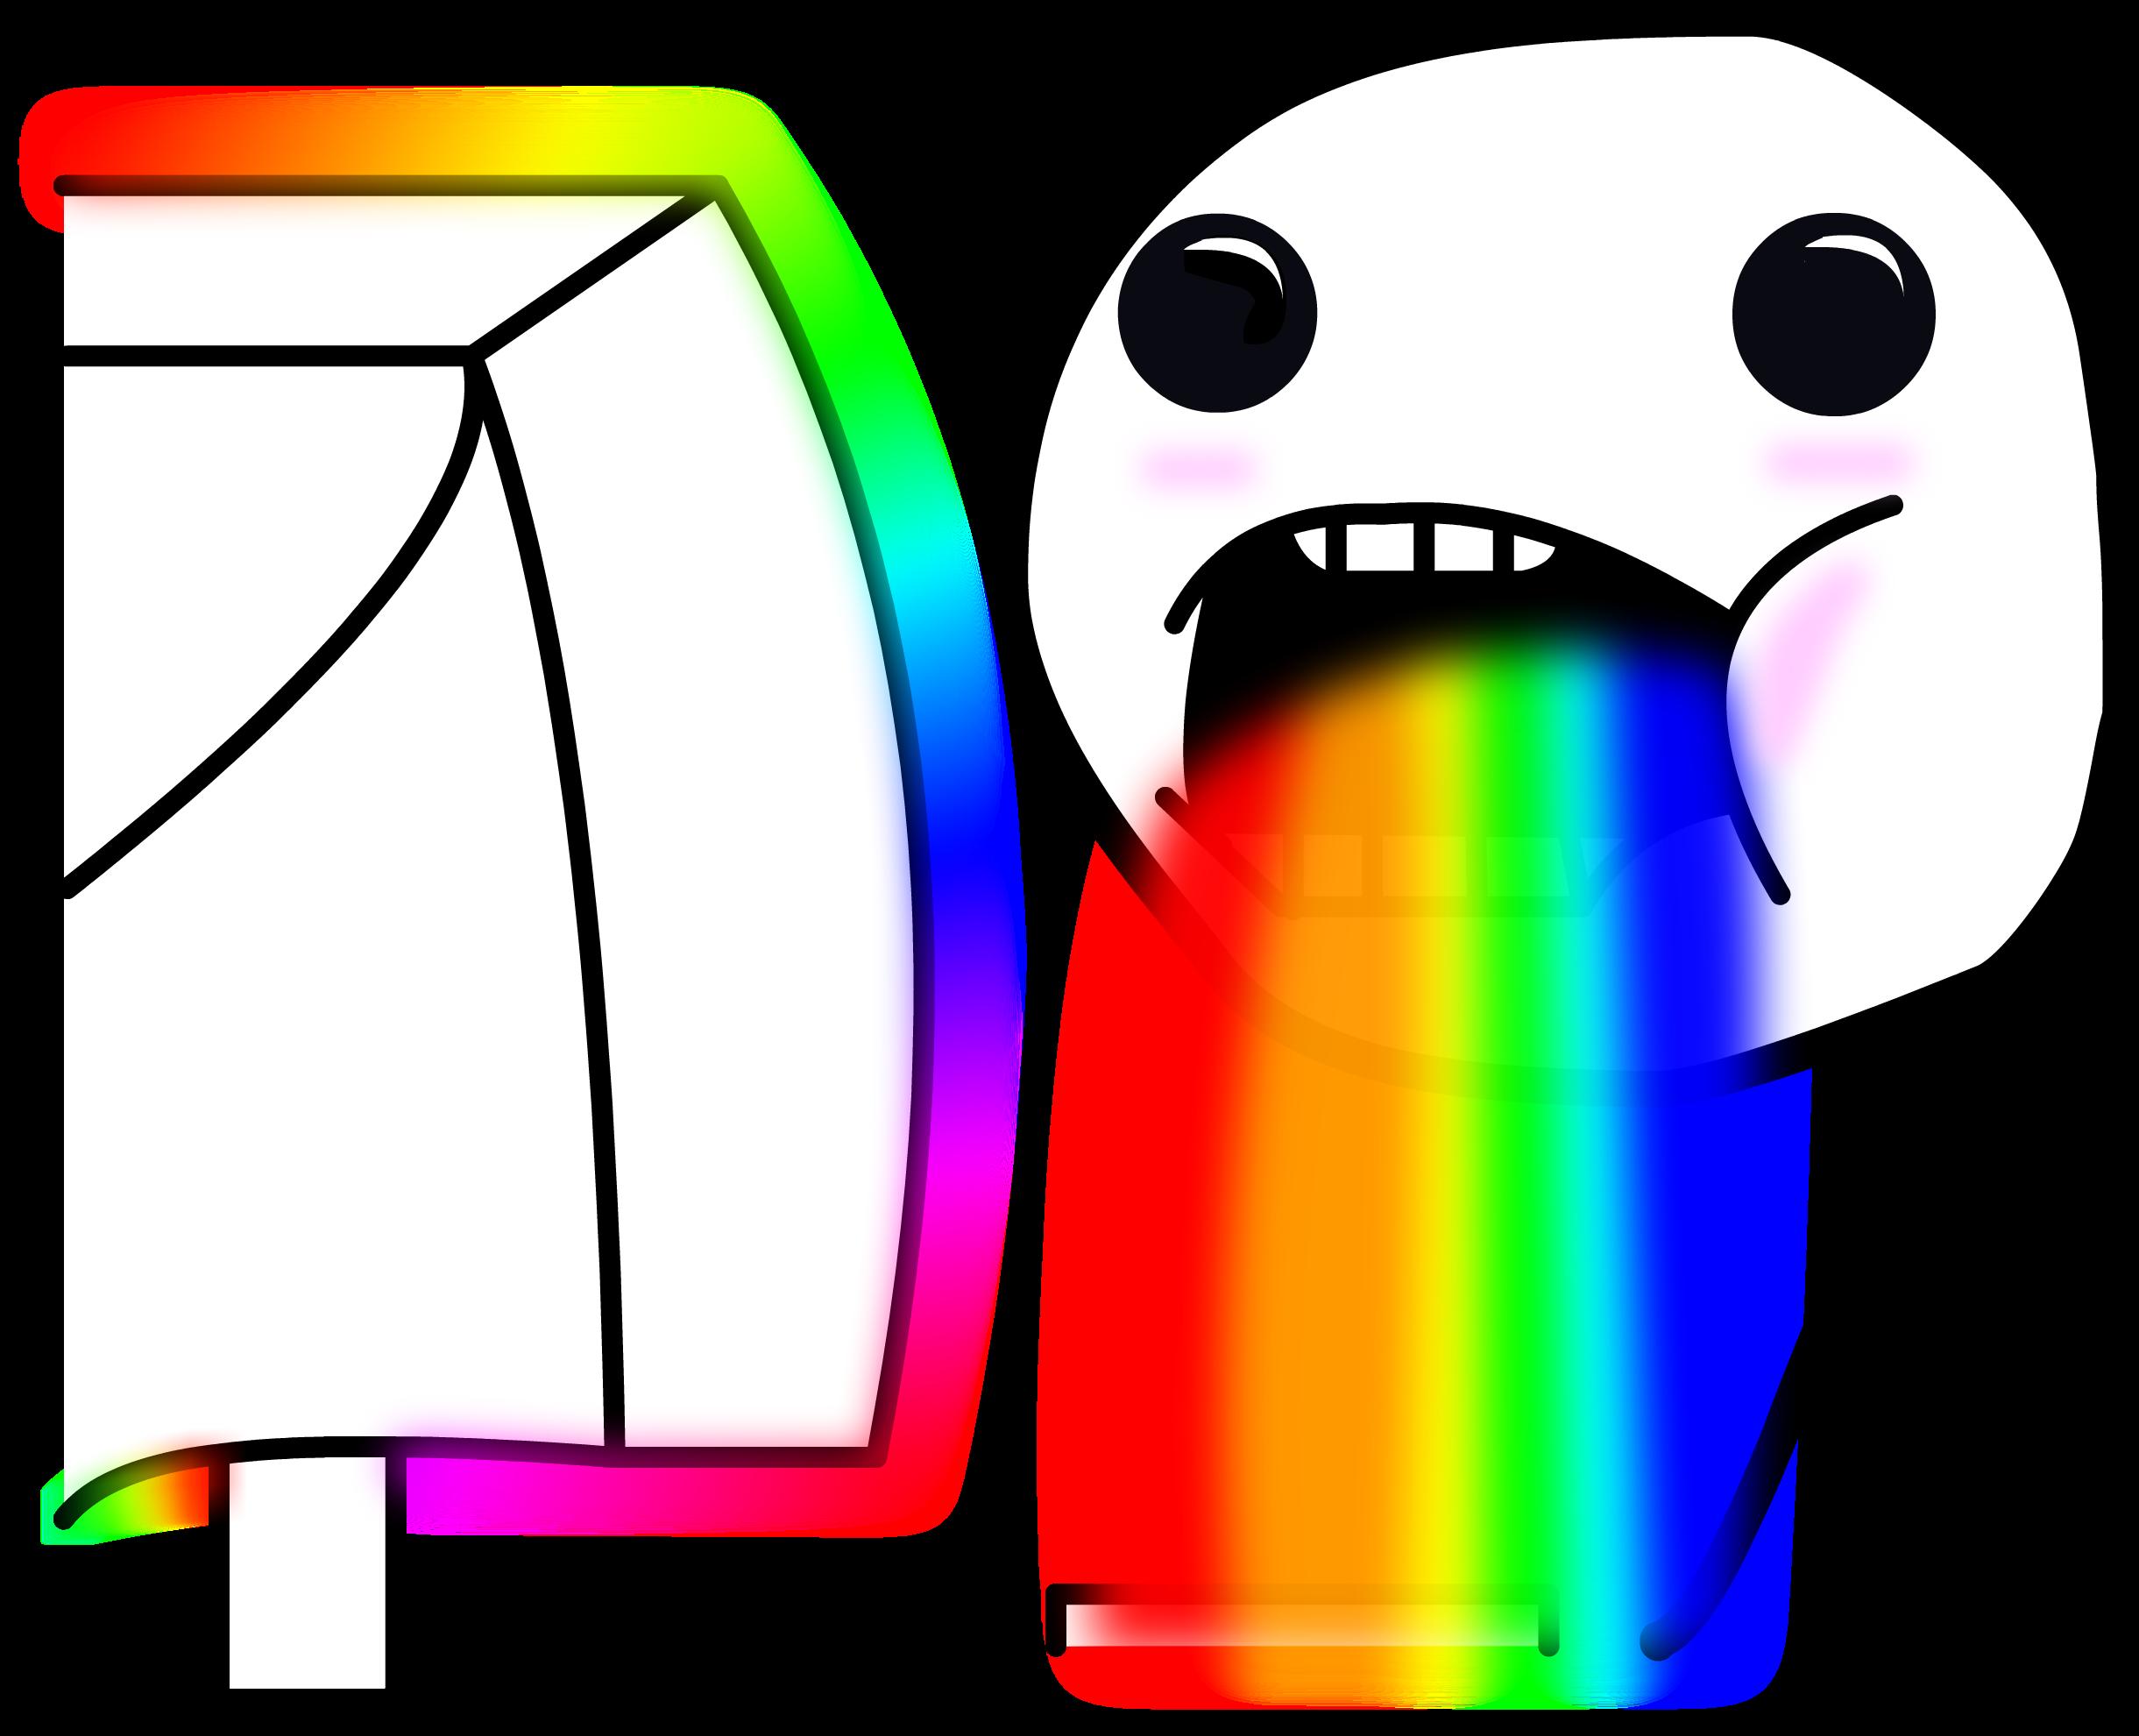 Как сделать радугу изо рта